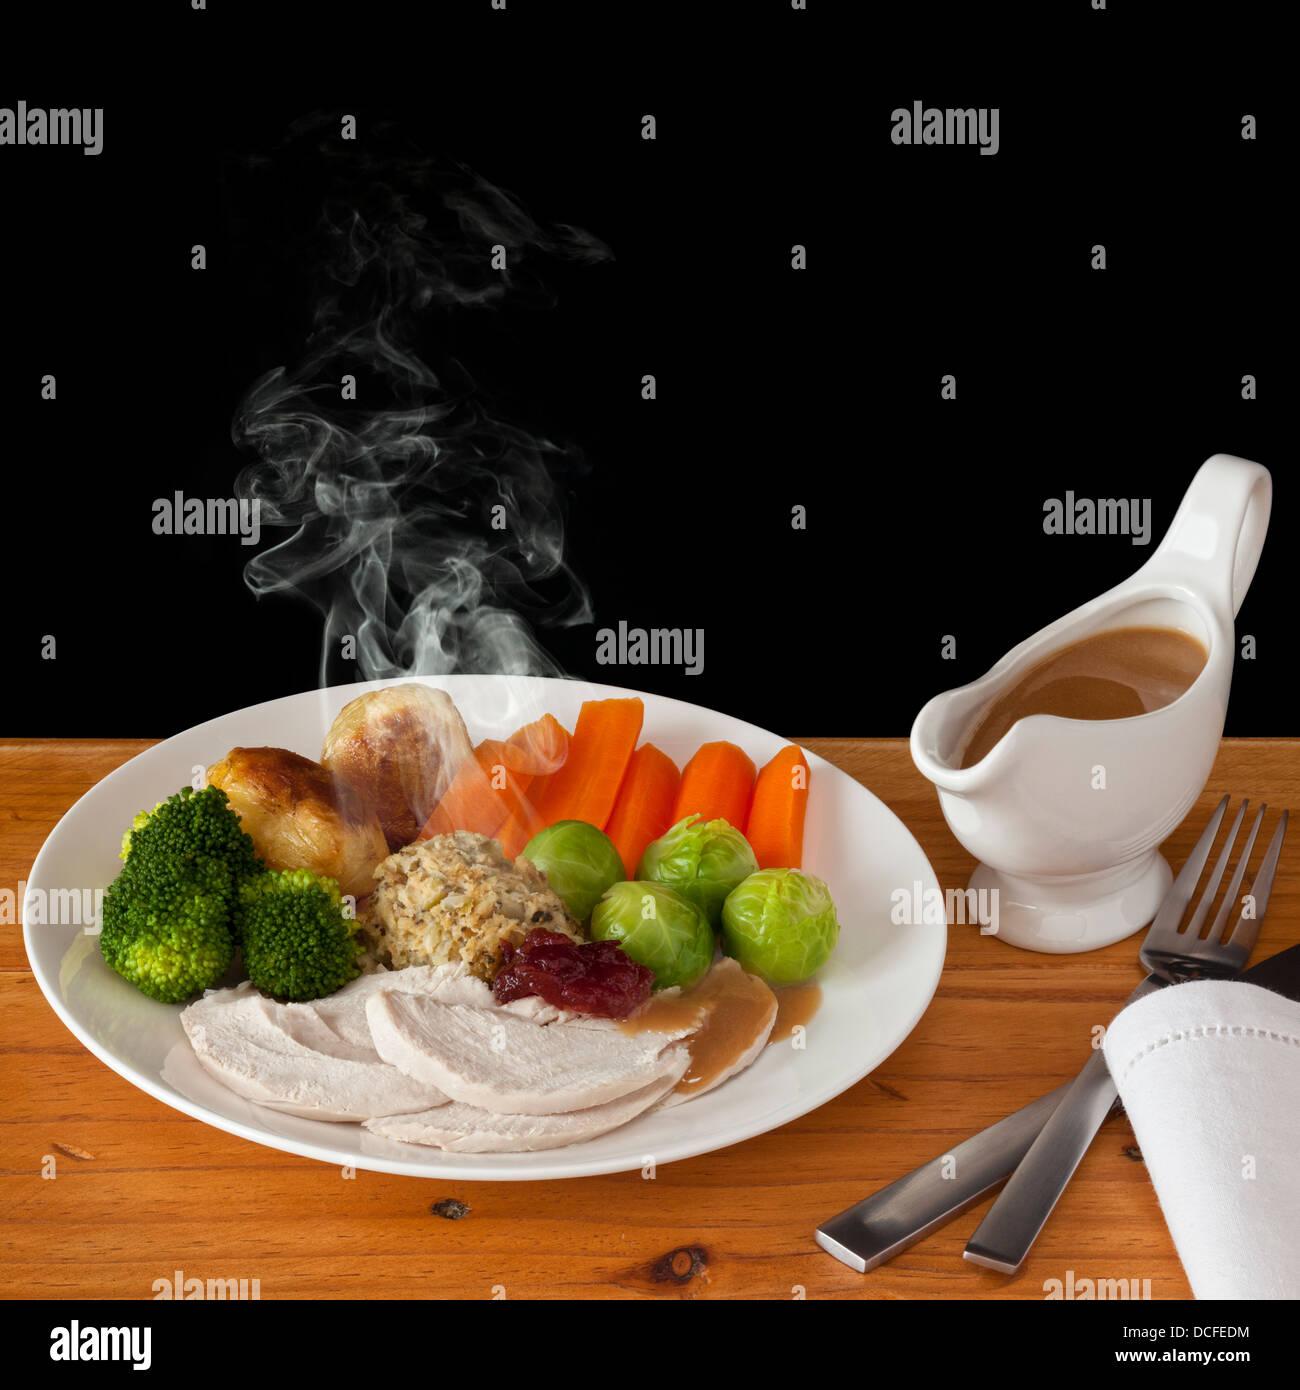 Cena de pollo asado - un típico almuerzo de Navidad con vapor visible, con espacio para su propio texto. Imagen De Stock